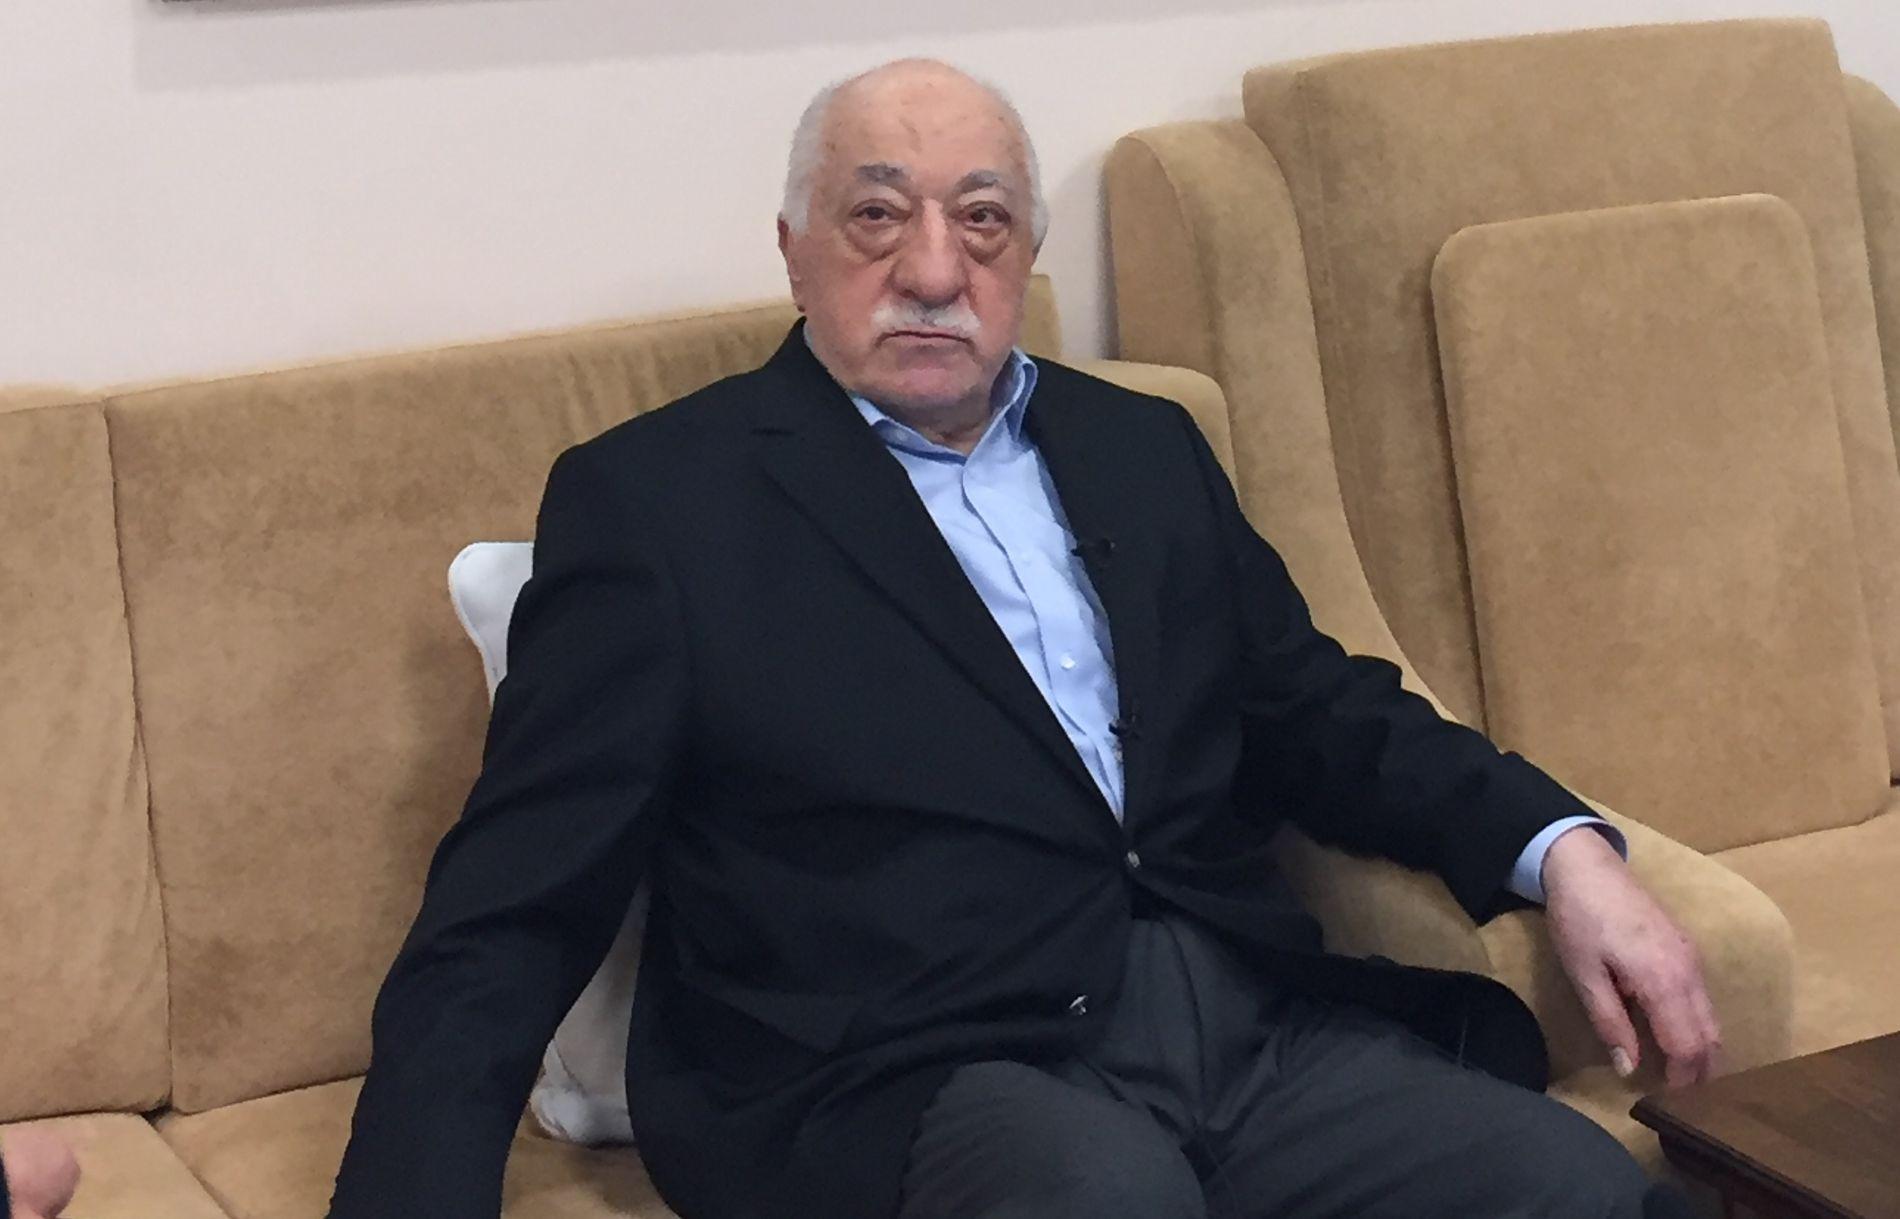 NEKTER FOR Å STÅ BAK: Fethullah Gulen har av president Erdogan blitt beskyldt for å stå bak forsøket på militærkupp i Tyrkia.